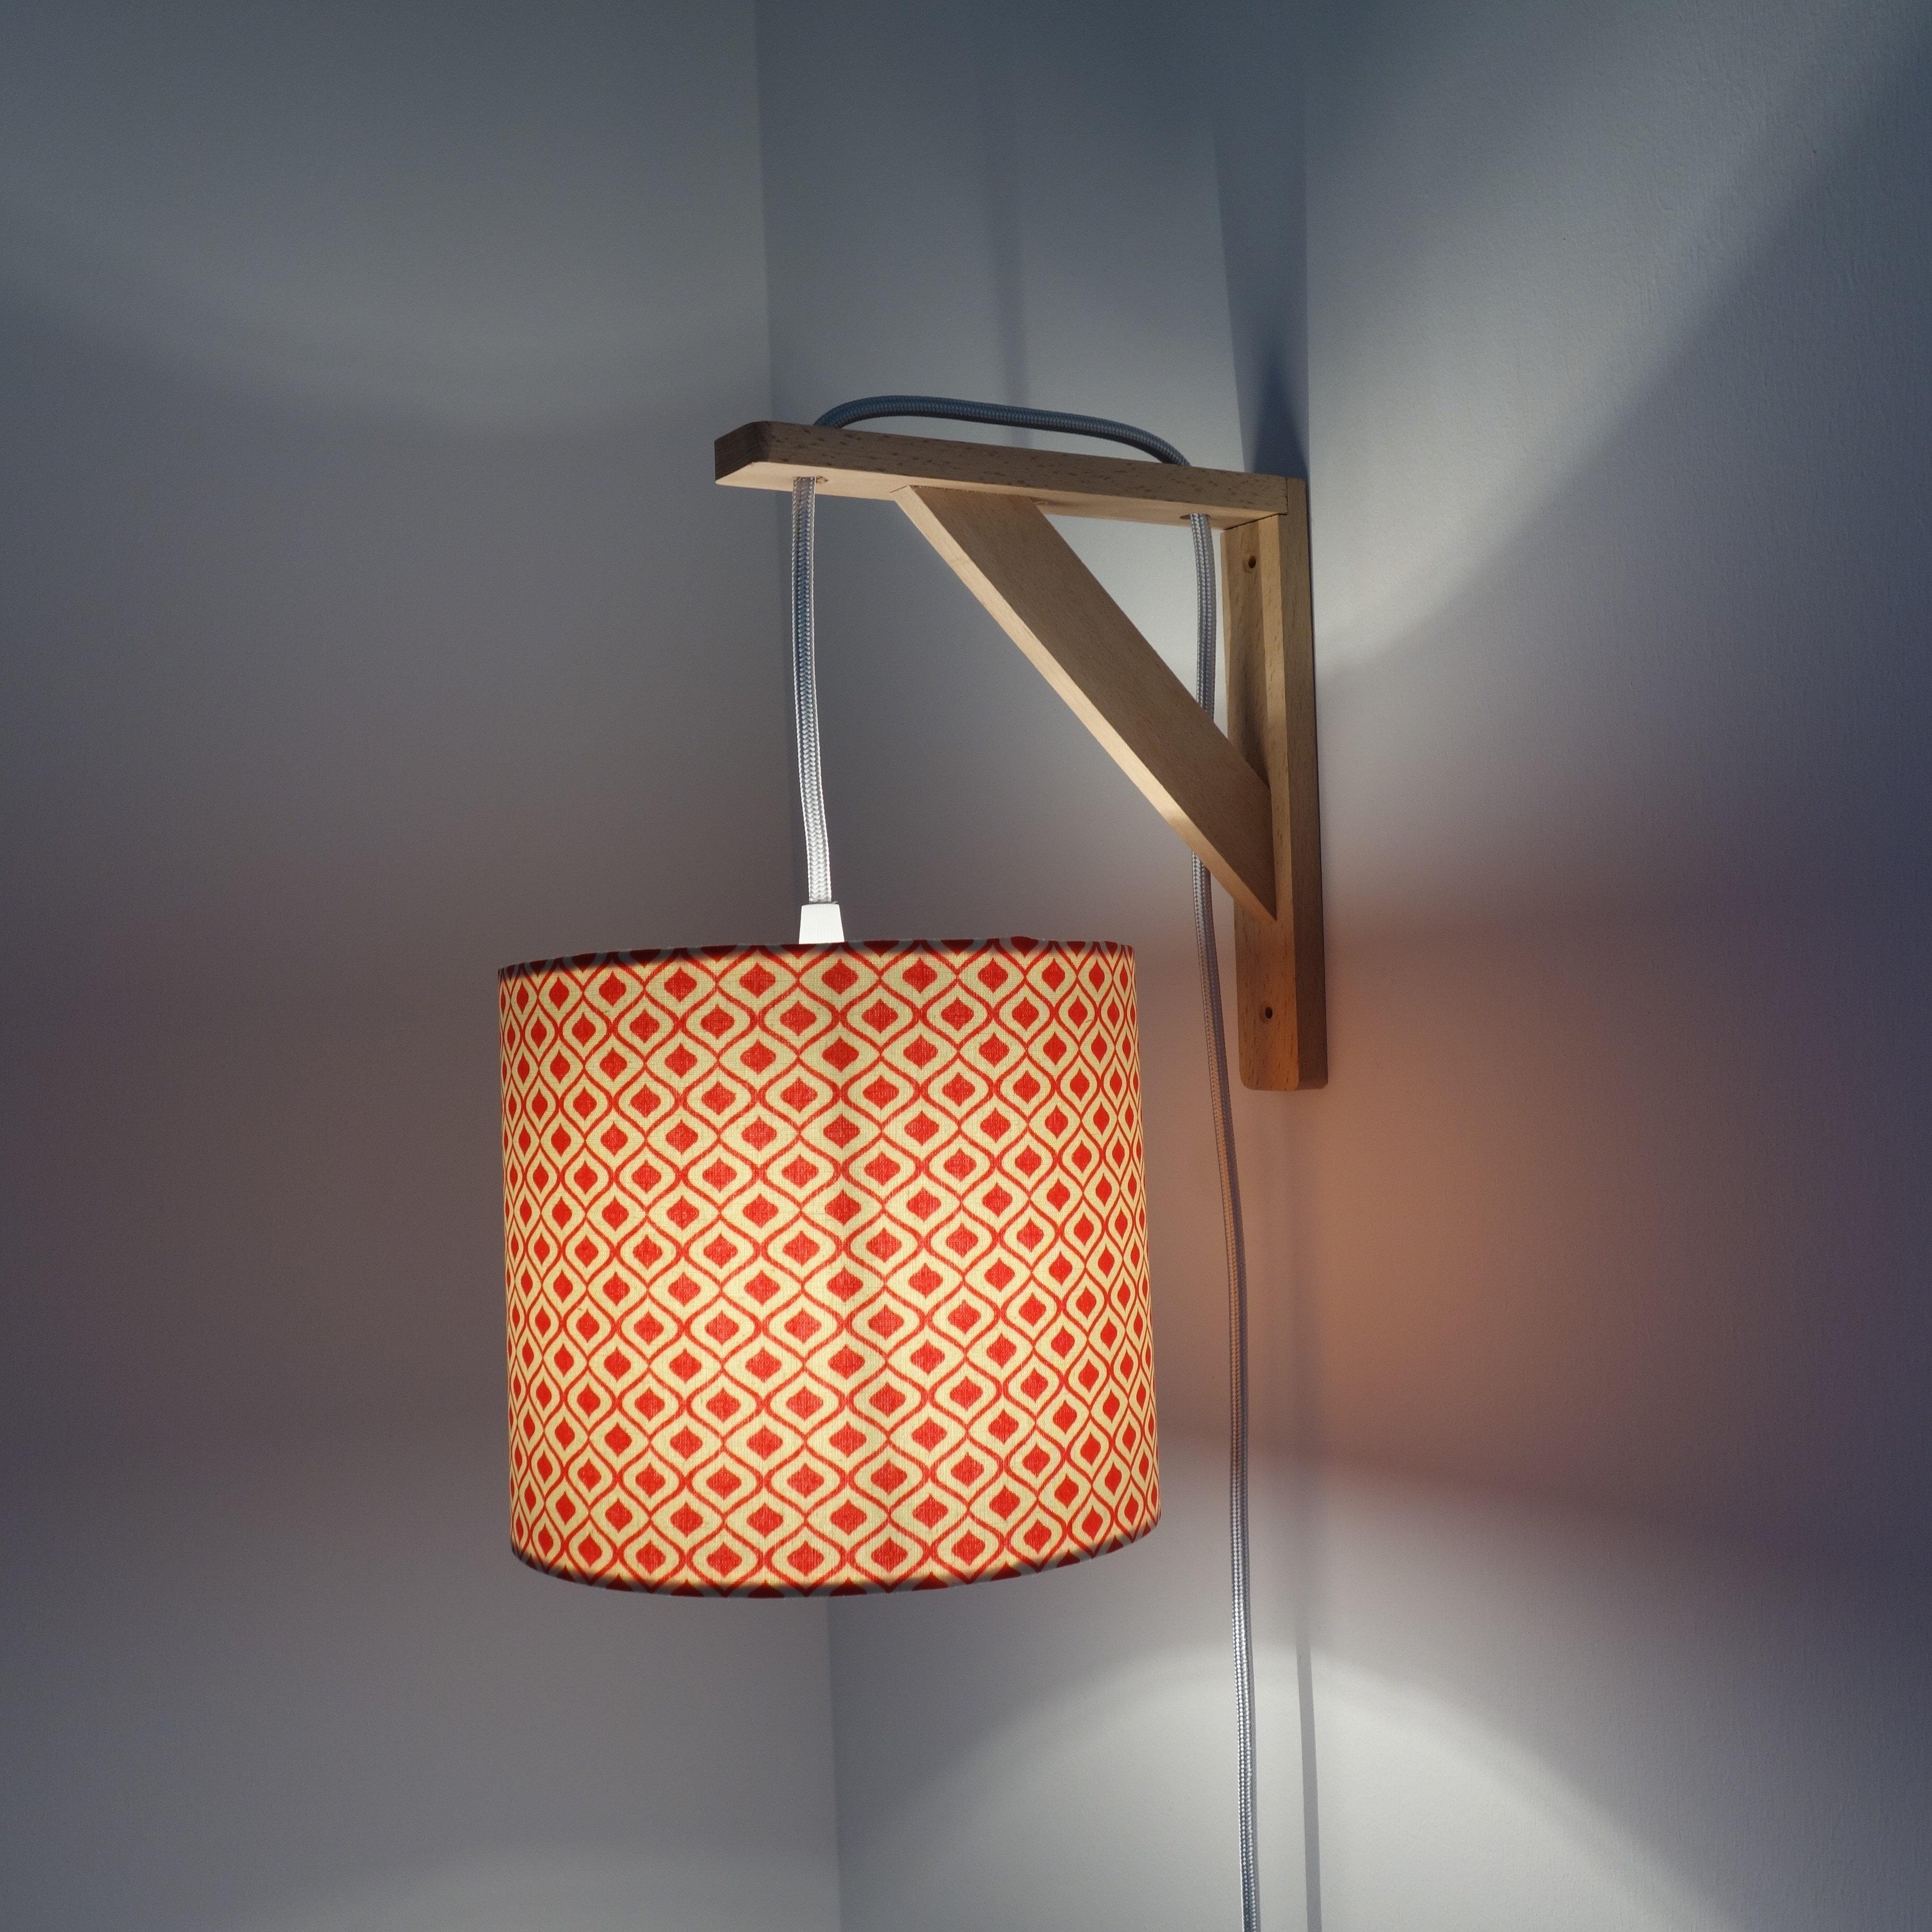 Lampe Lampe RougeBelamp RougeBelamp Lampe Équerre Équerre Retro Retro Pv8wymn0NO